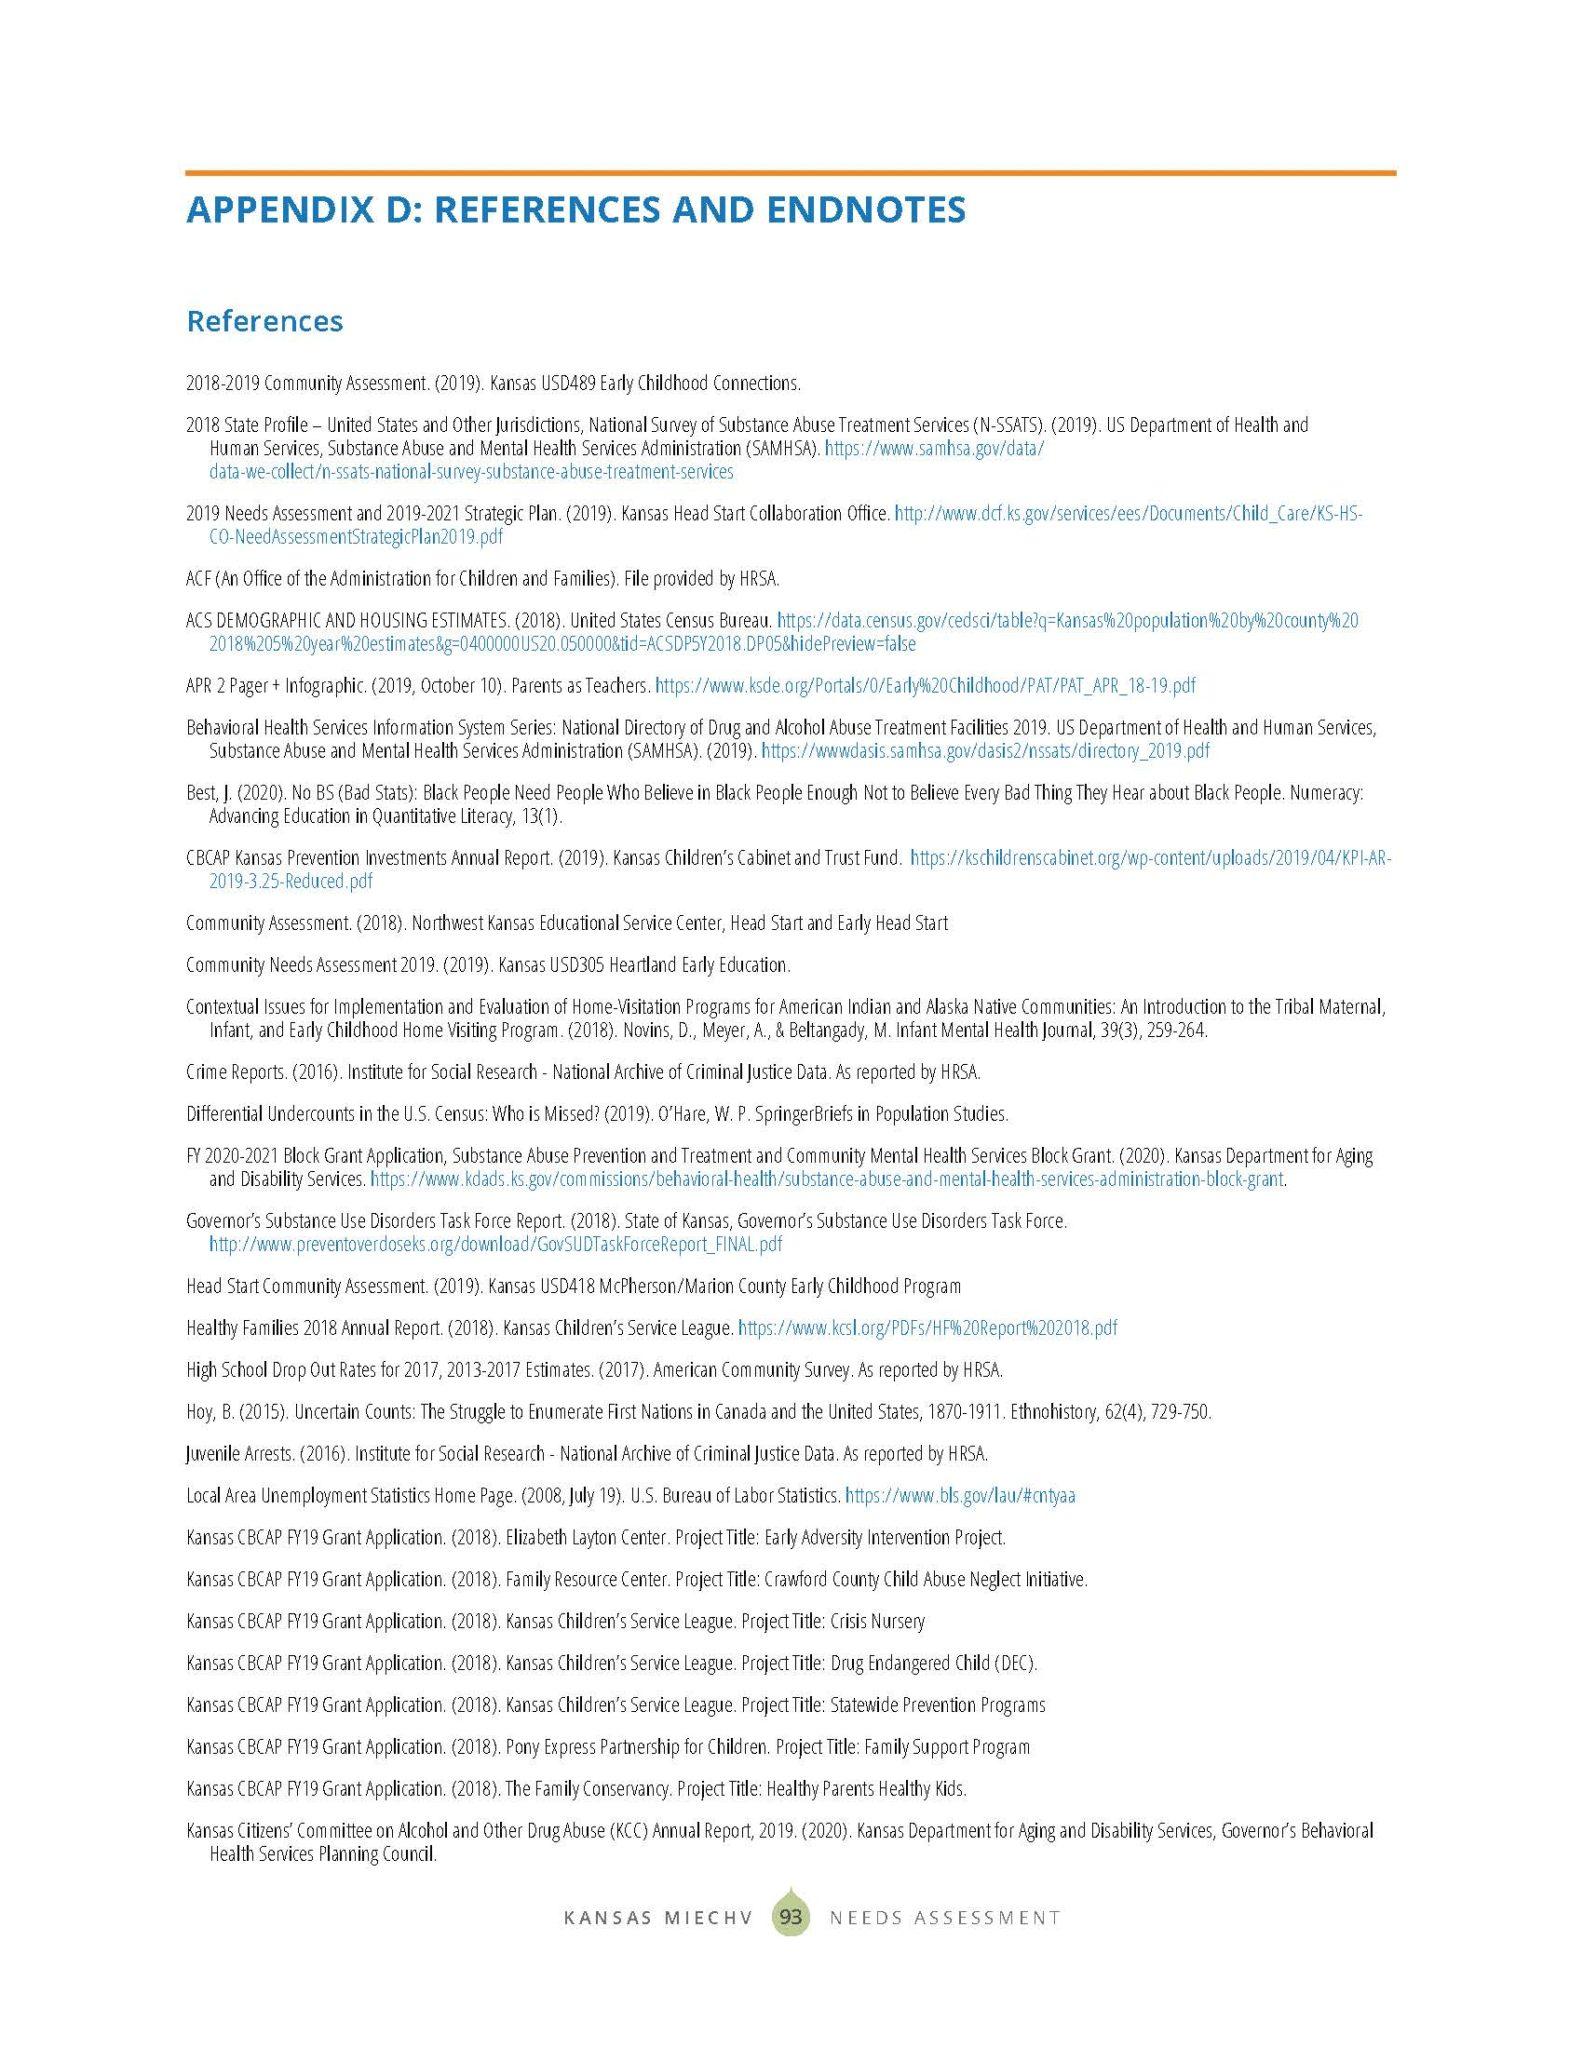 KS MIECHV 2020 Needs Assessment_DIGITAL_Page_101